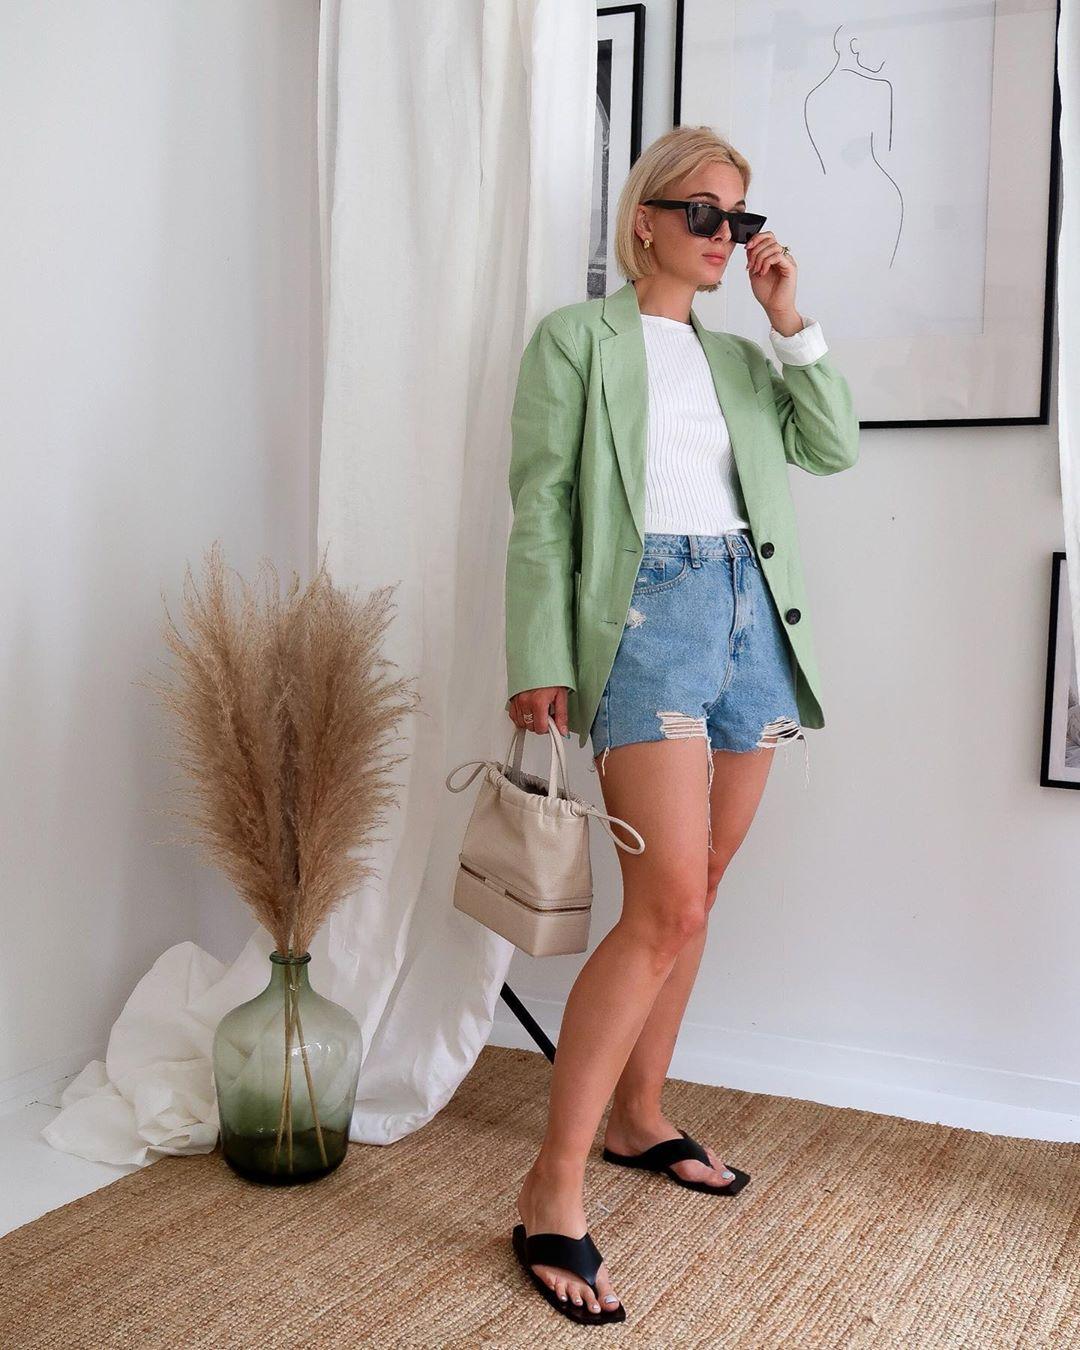 Thời trang cung cự giải - Áo blazer màu xanh lá